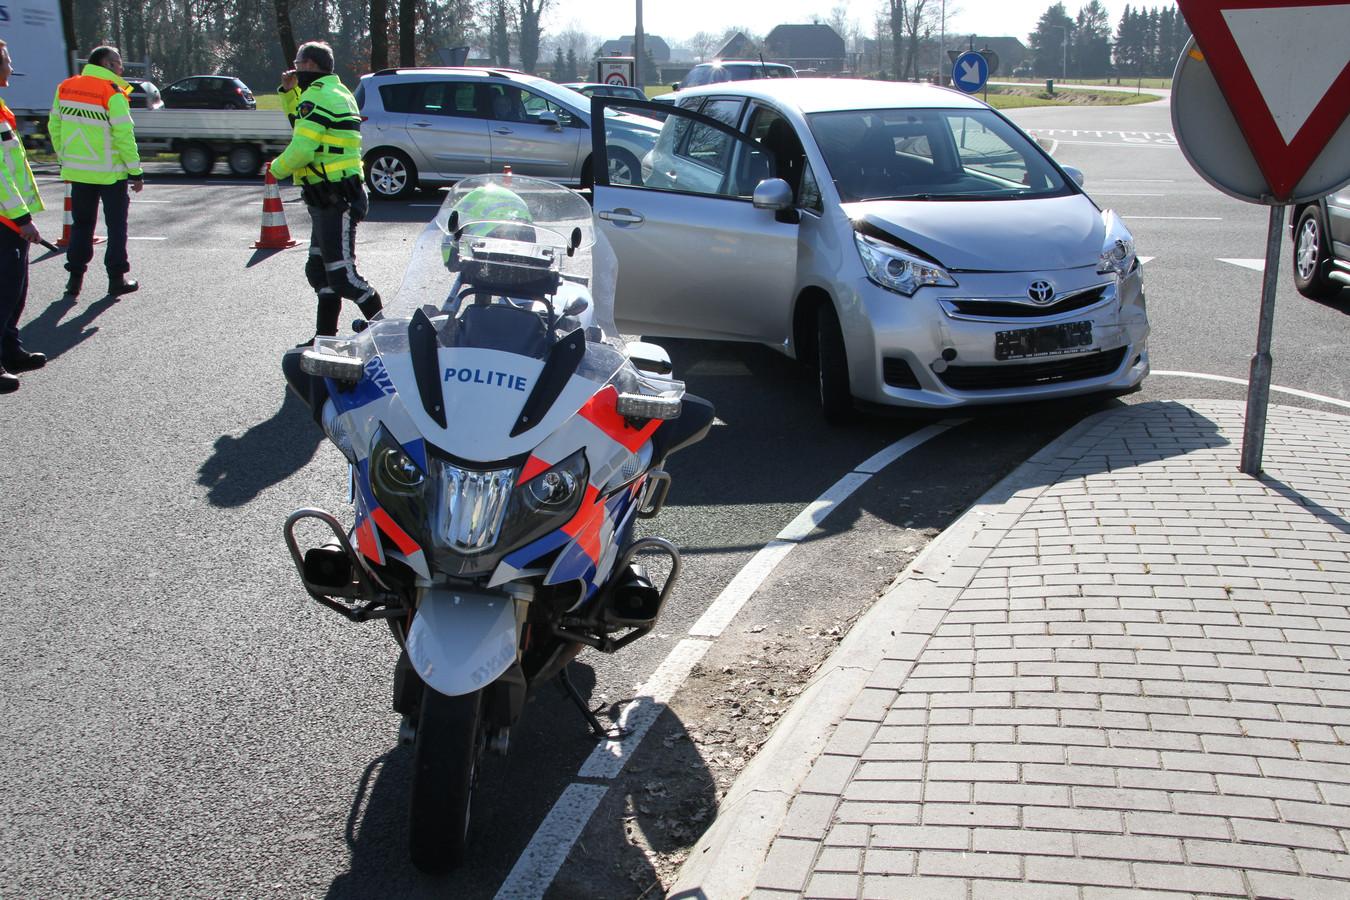 de hulpdiensten zijn gealarmeerd voor een ongeval met letsel op de kruising Stationsweg met de Almeloseweg-N35.